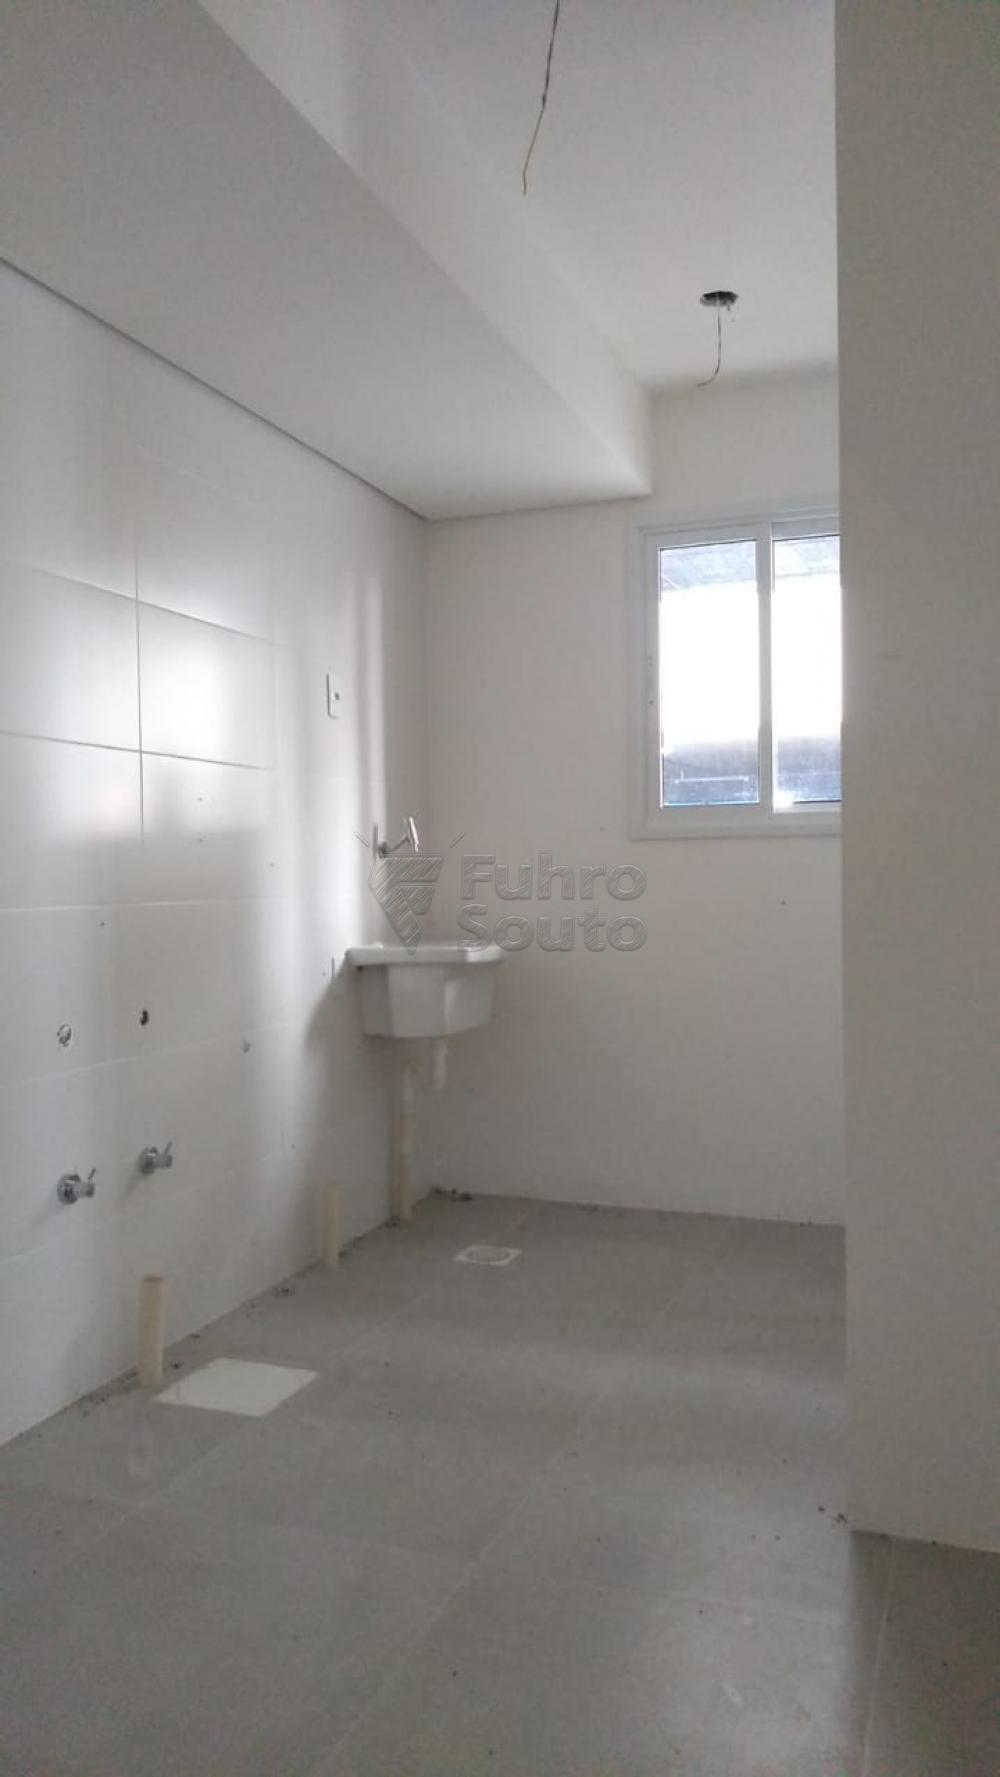 Comprar Apartamento / Padrão em Pelotas R$ 270.000,00 - Foto 16